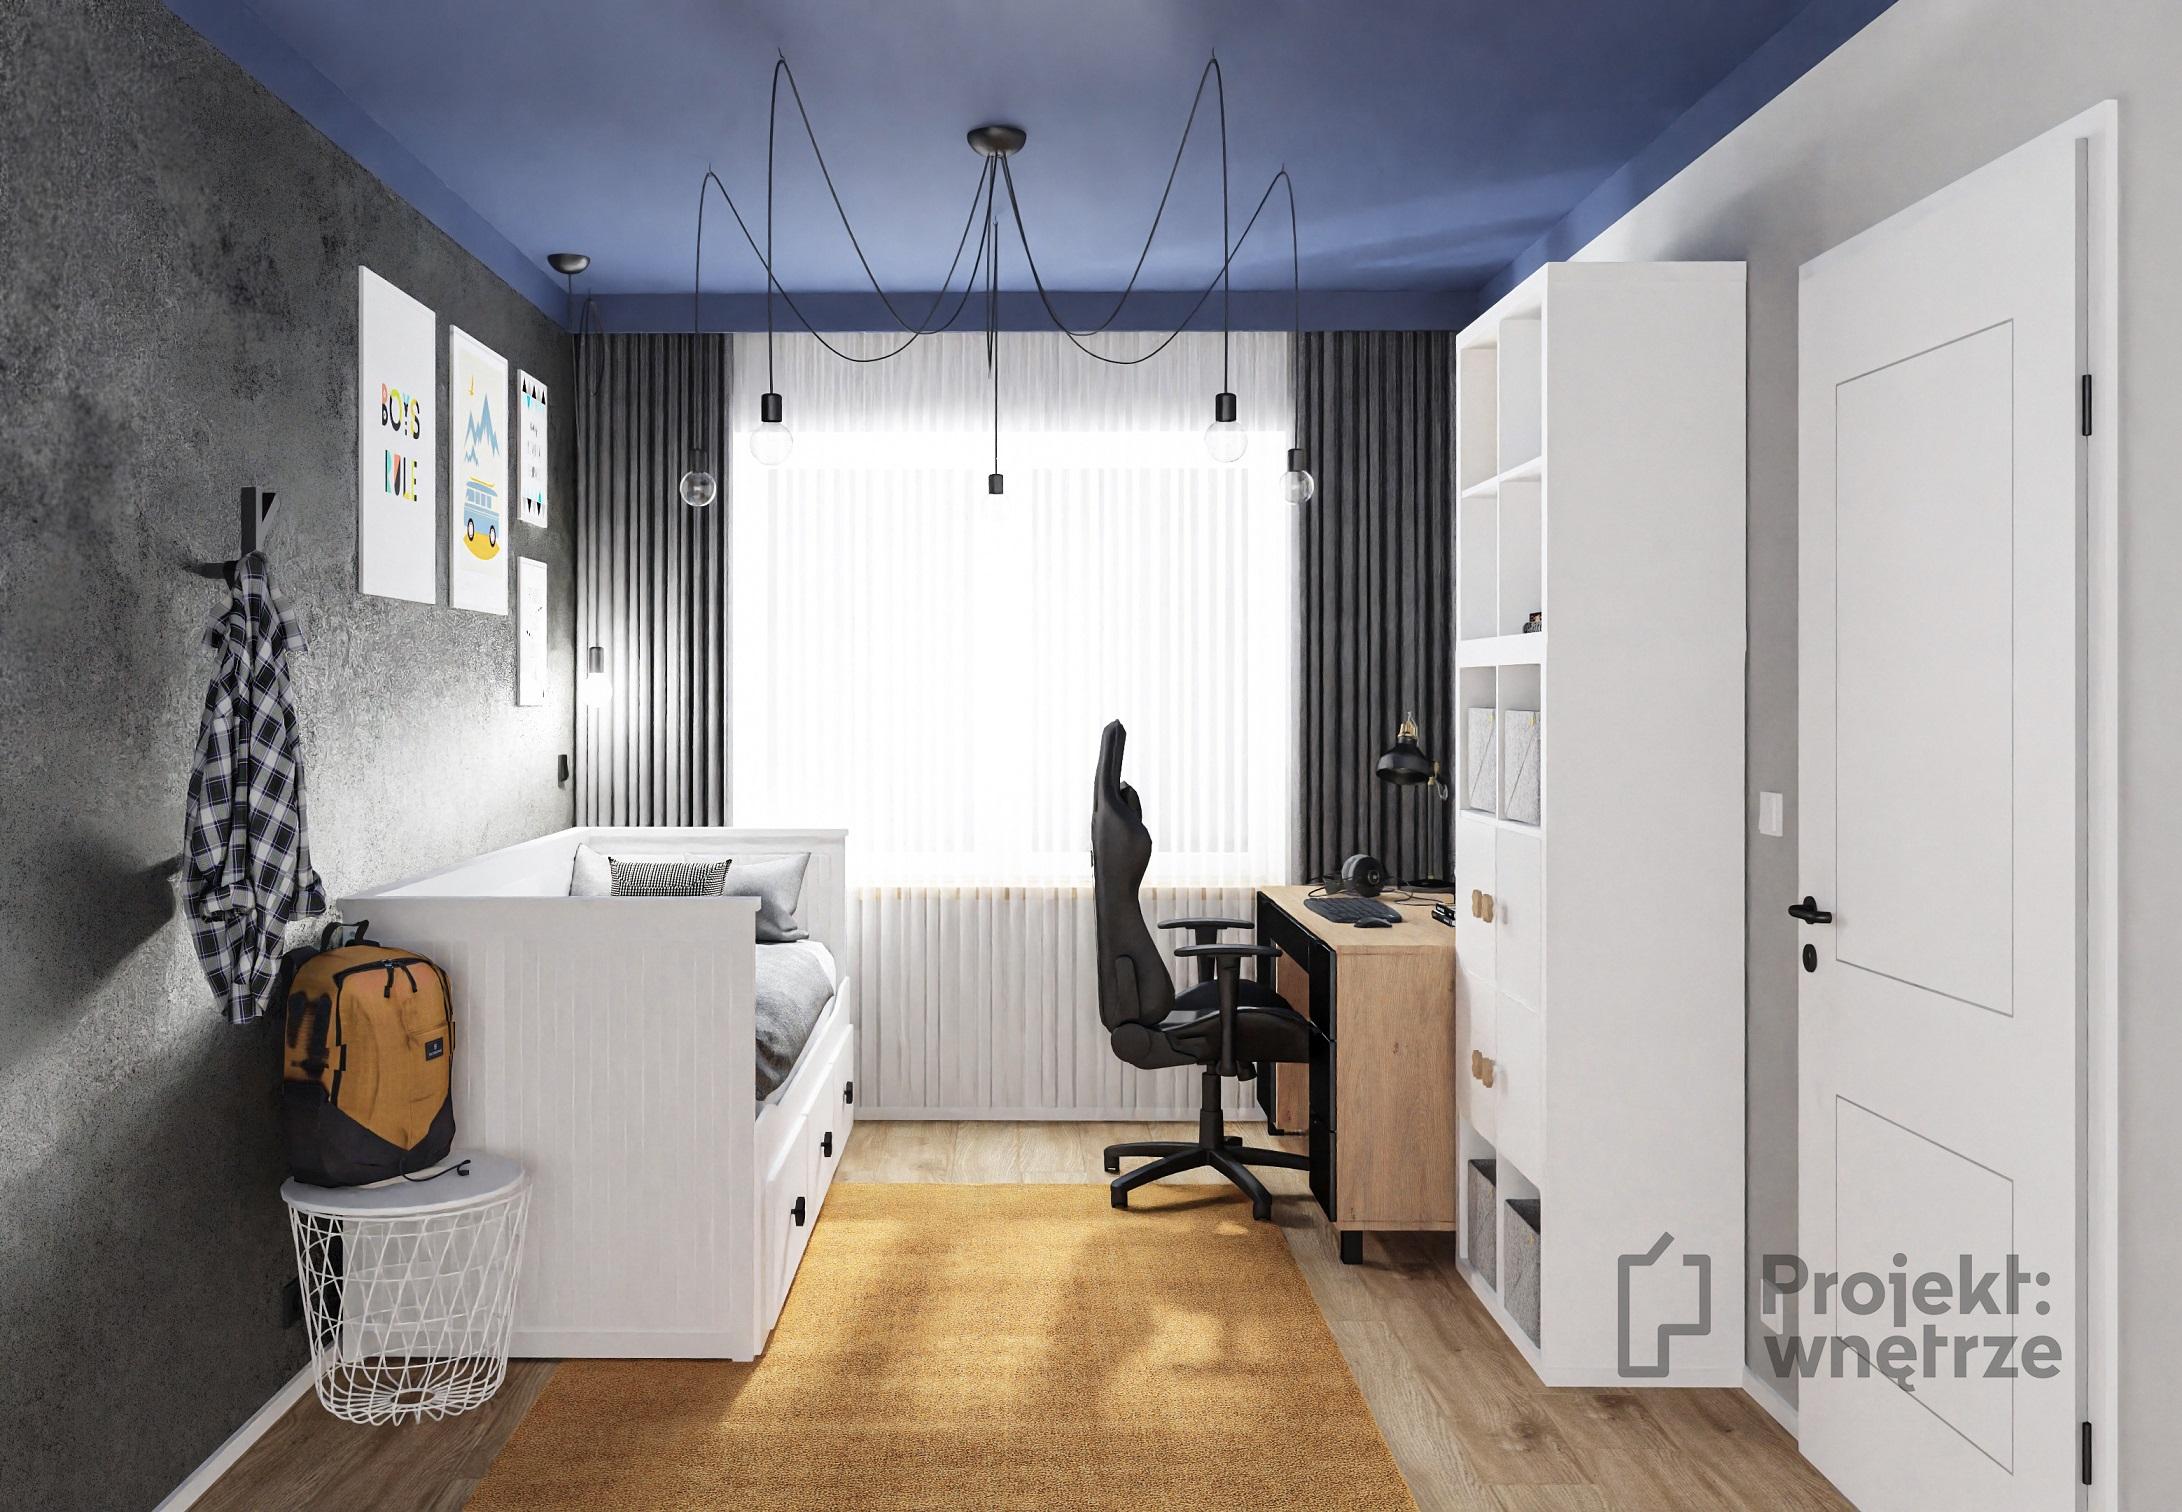 Projekt wnętrze - projekt pokoju dla chłopca nastolatka błękit granat szarość drewno czerń ciemny sufit, Jeger Onyks Ikea biurko VOX uchwyt krzyżyk